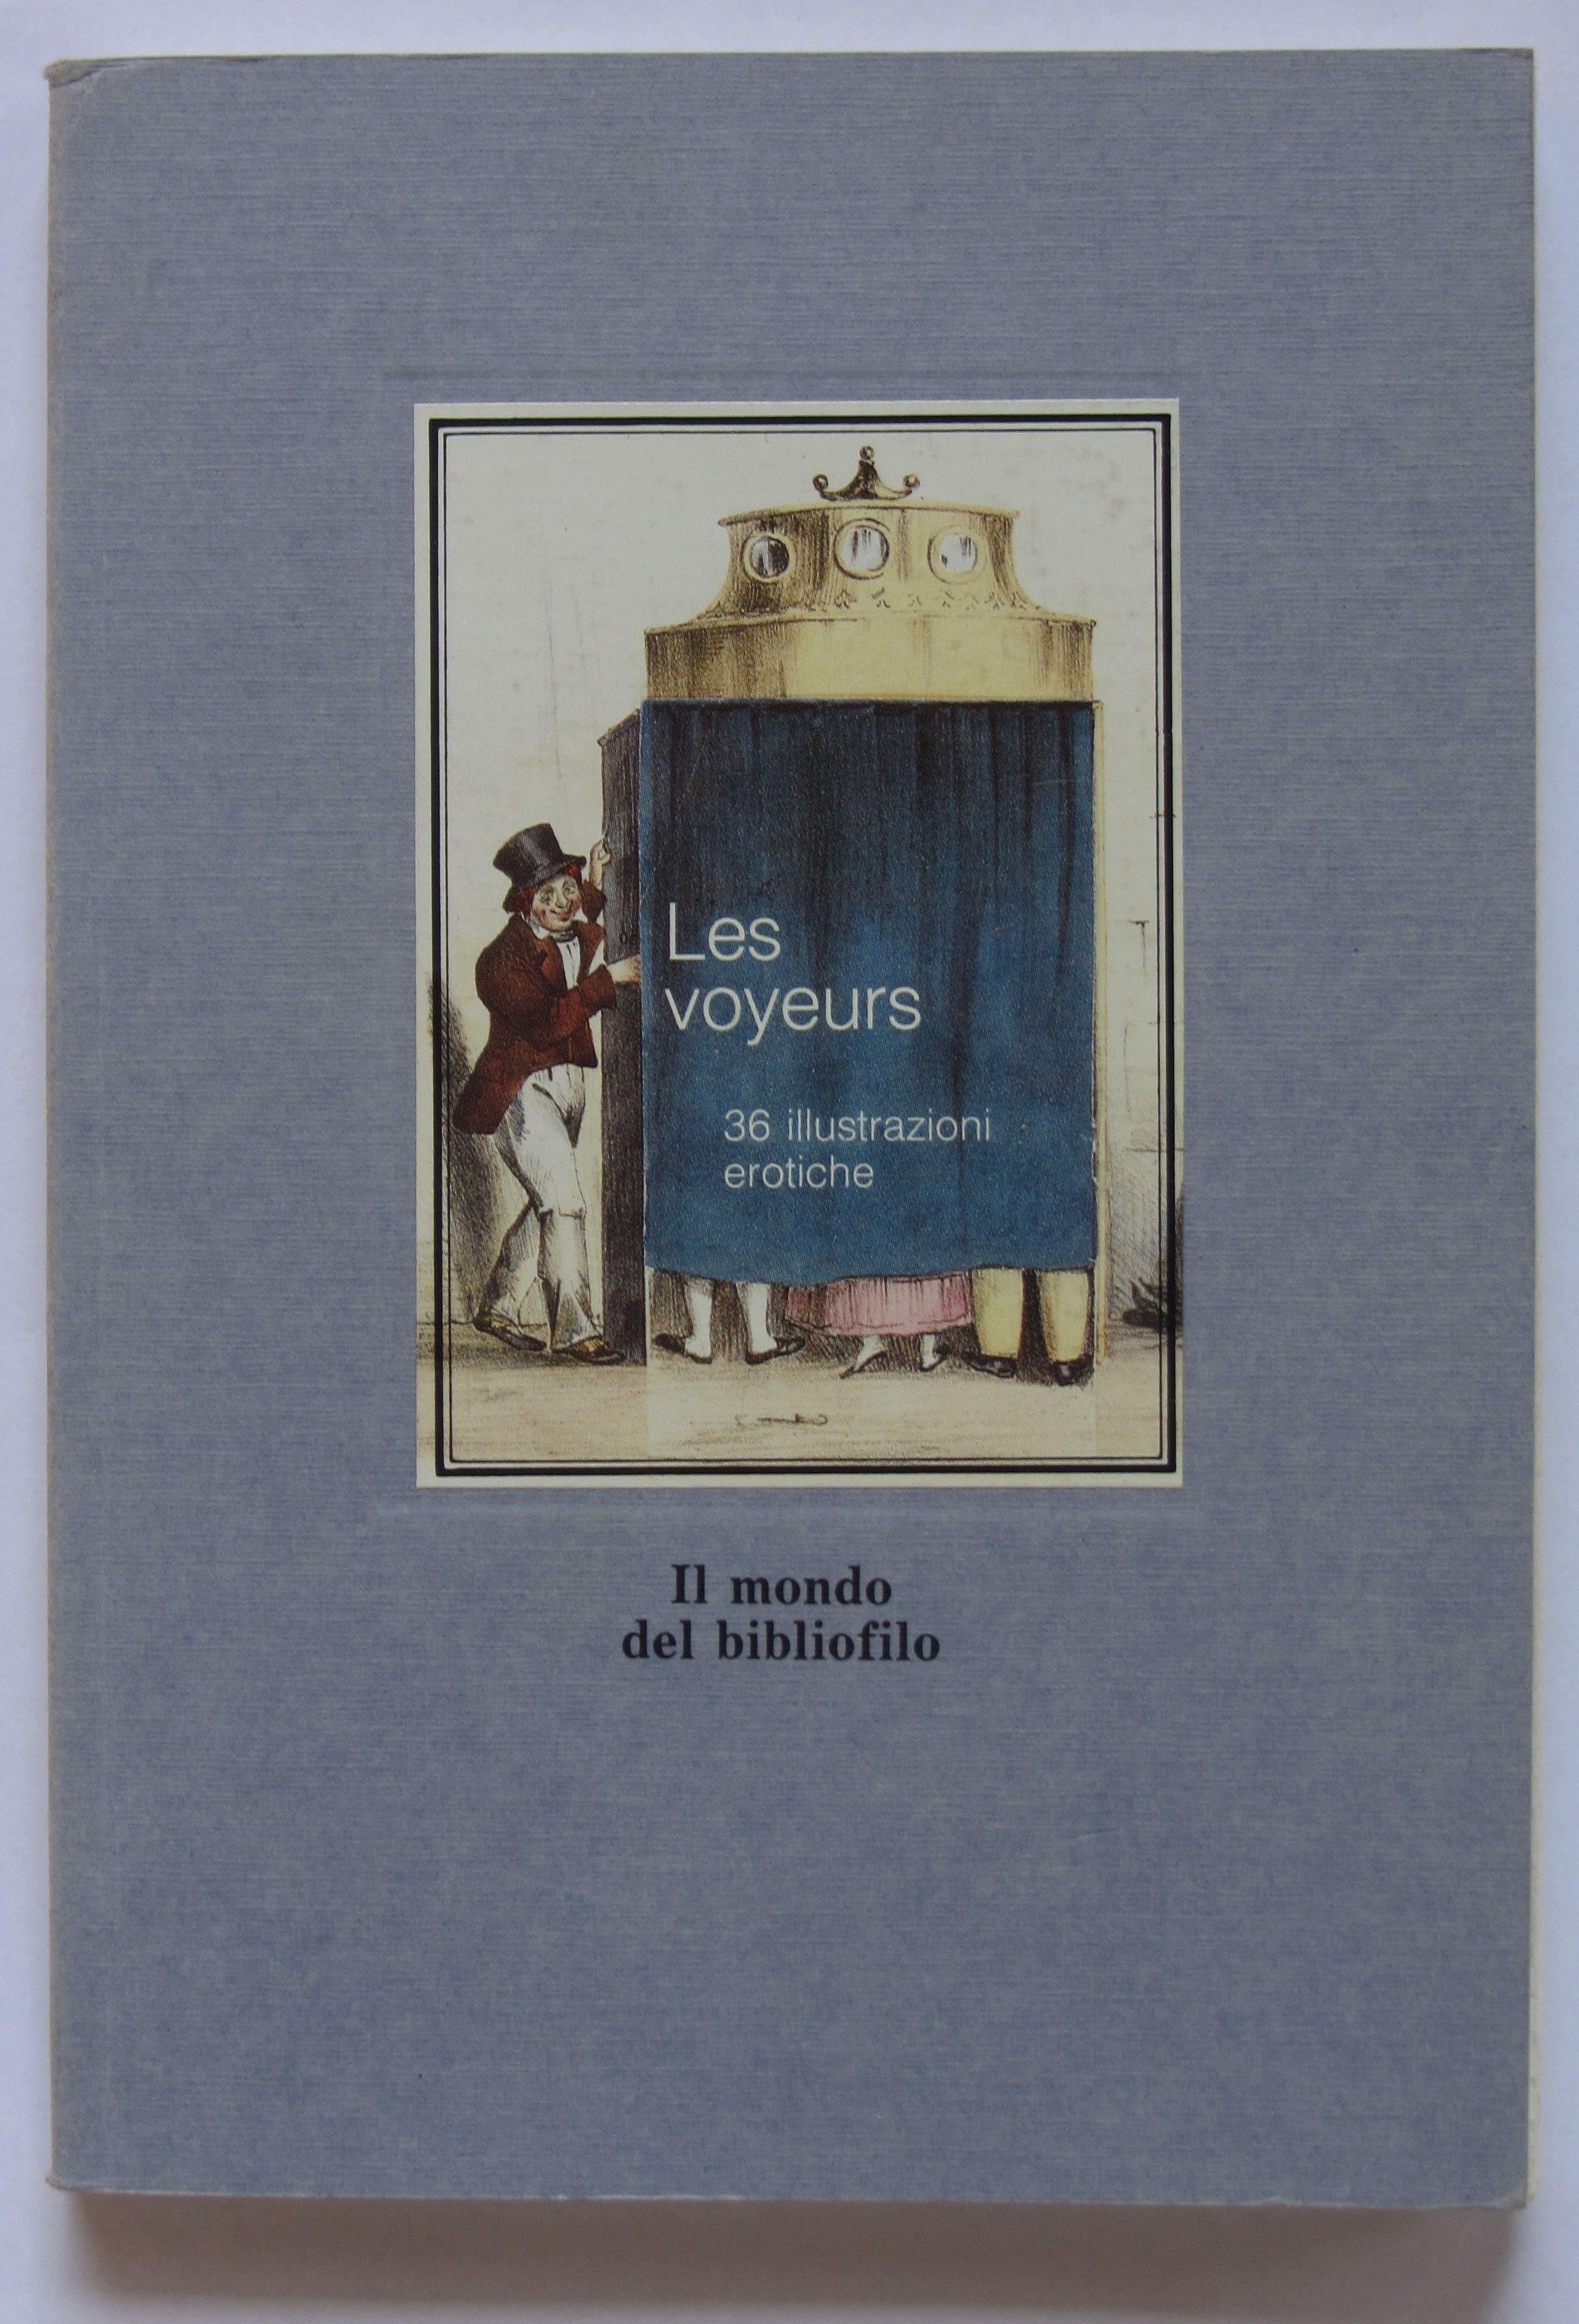 """Protetto: """"Les voyeurs"""": 36 illustrazioni erotiche con finestrella [password: voyeurs]"""